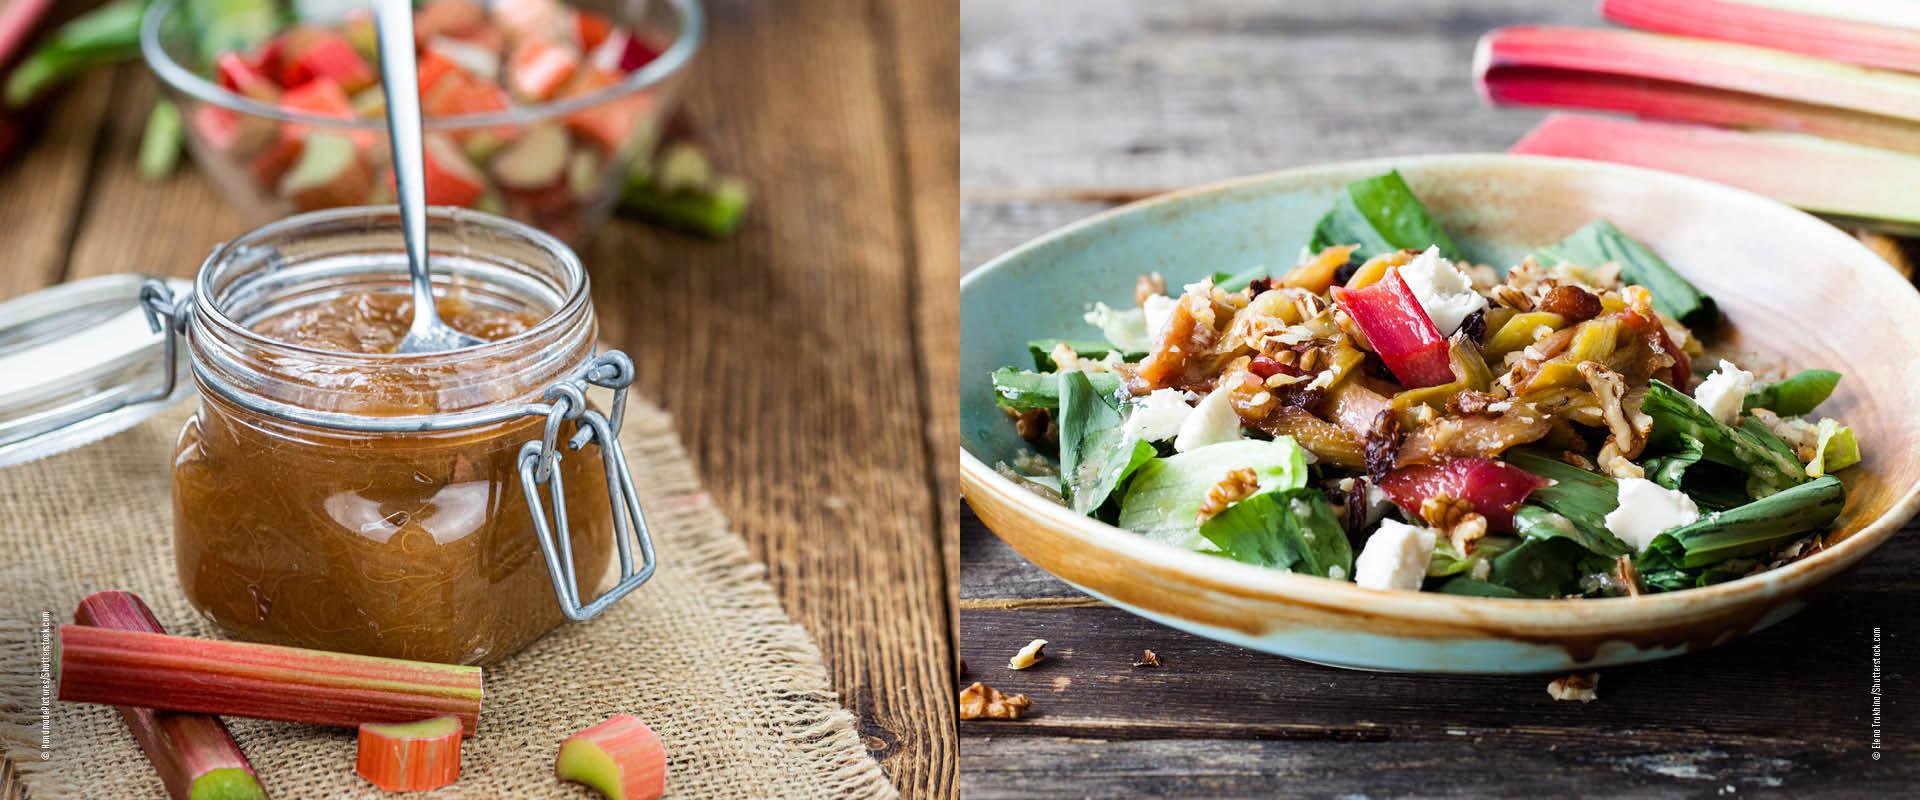 Salat mit Rhabarber und Marmelade